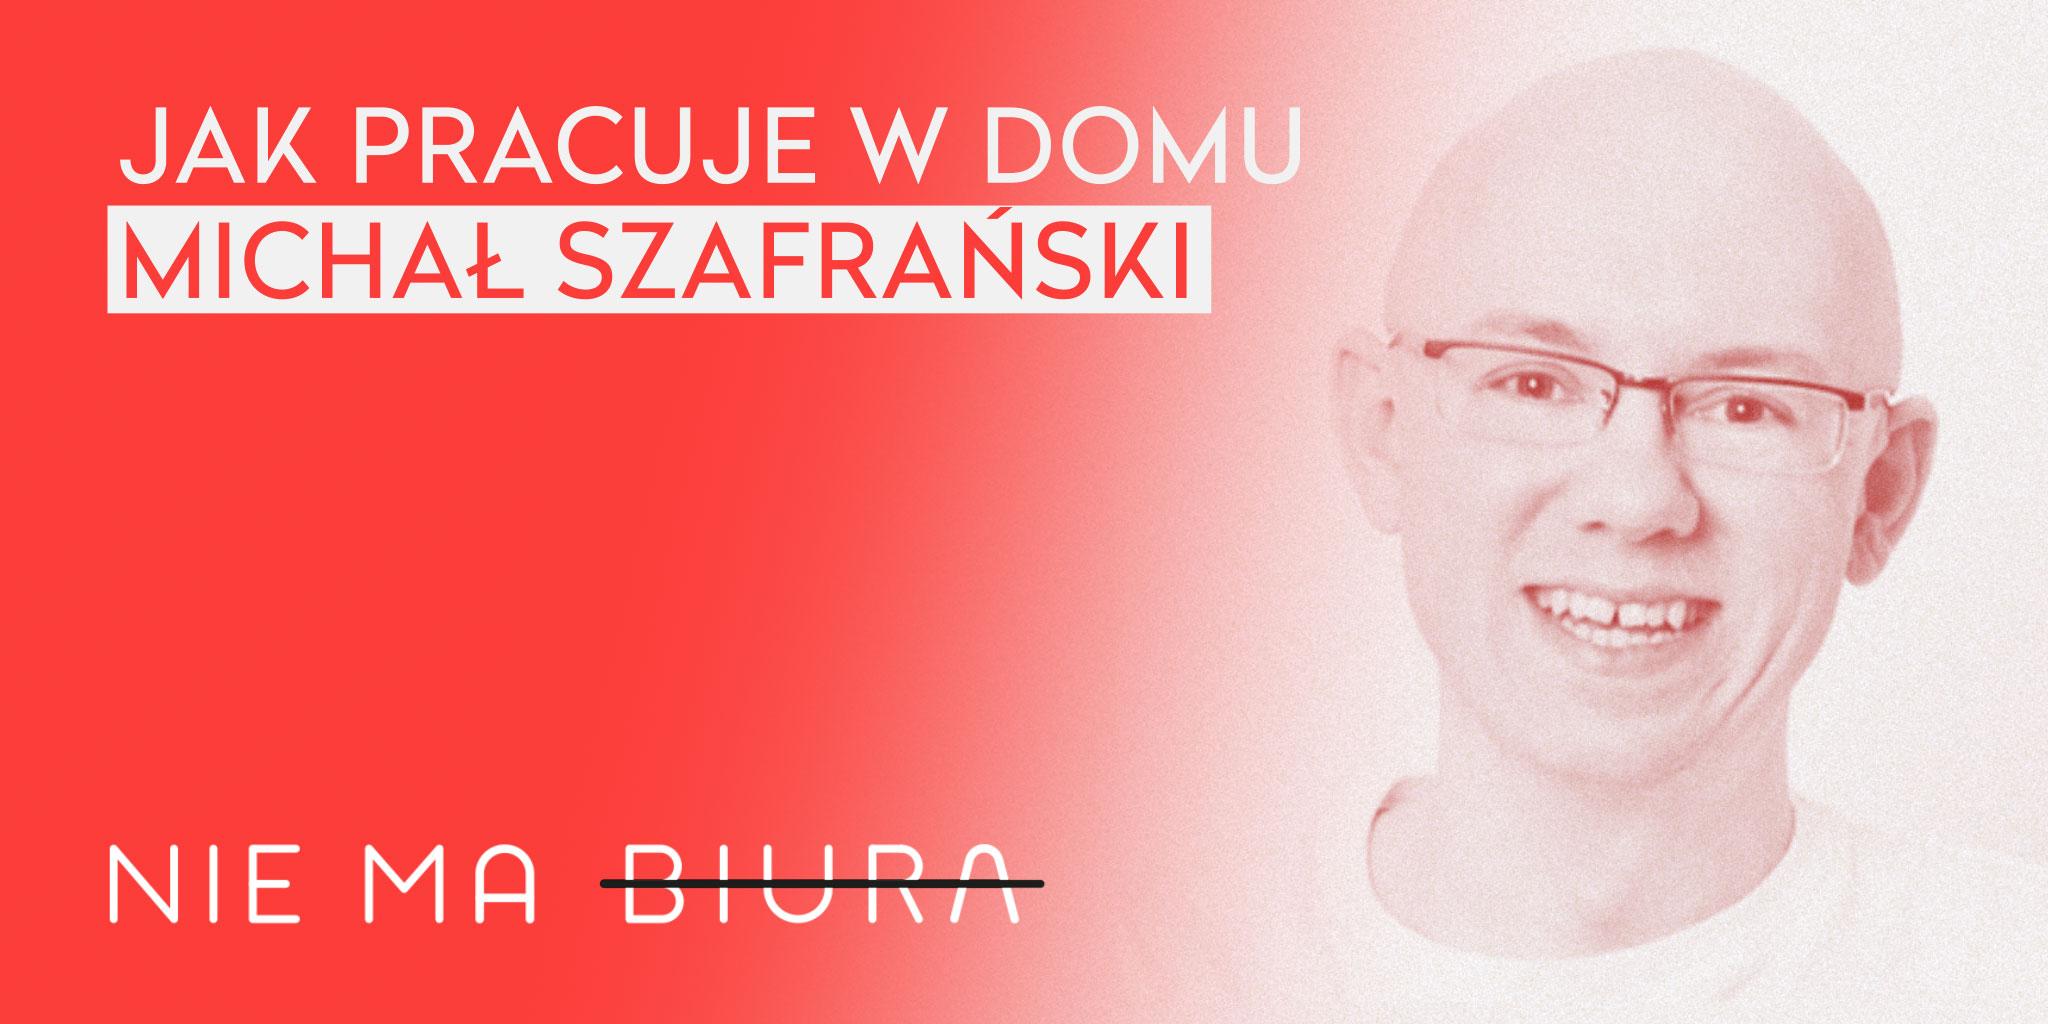 Podcast Nie Ma Biura 6 - Domowe biuro Michała Szafrańskiego - praca zdalna, zarządzanie zespołem.